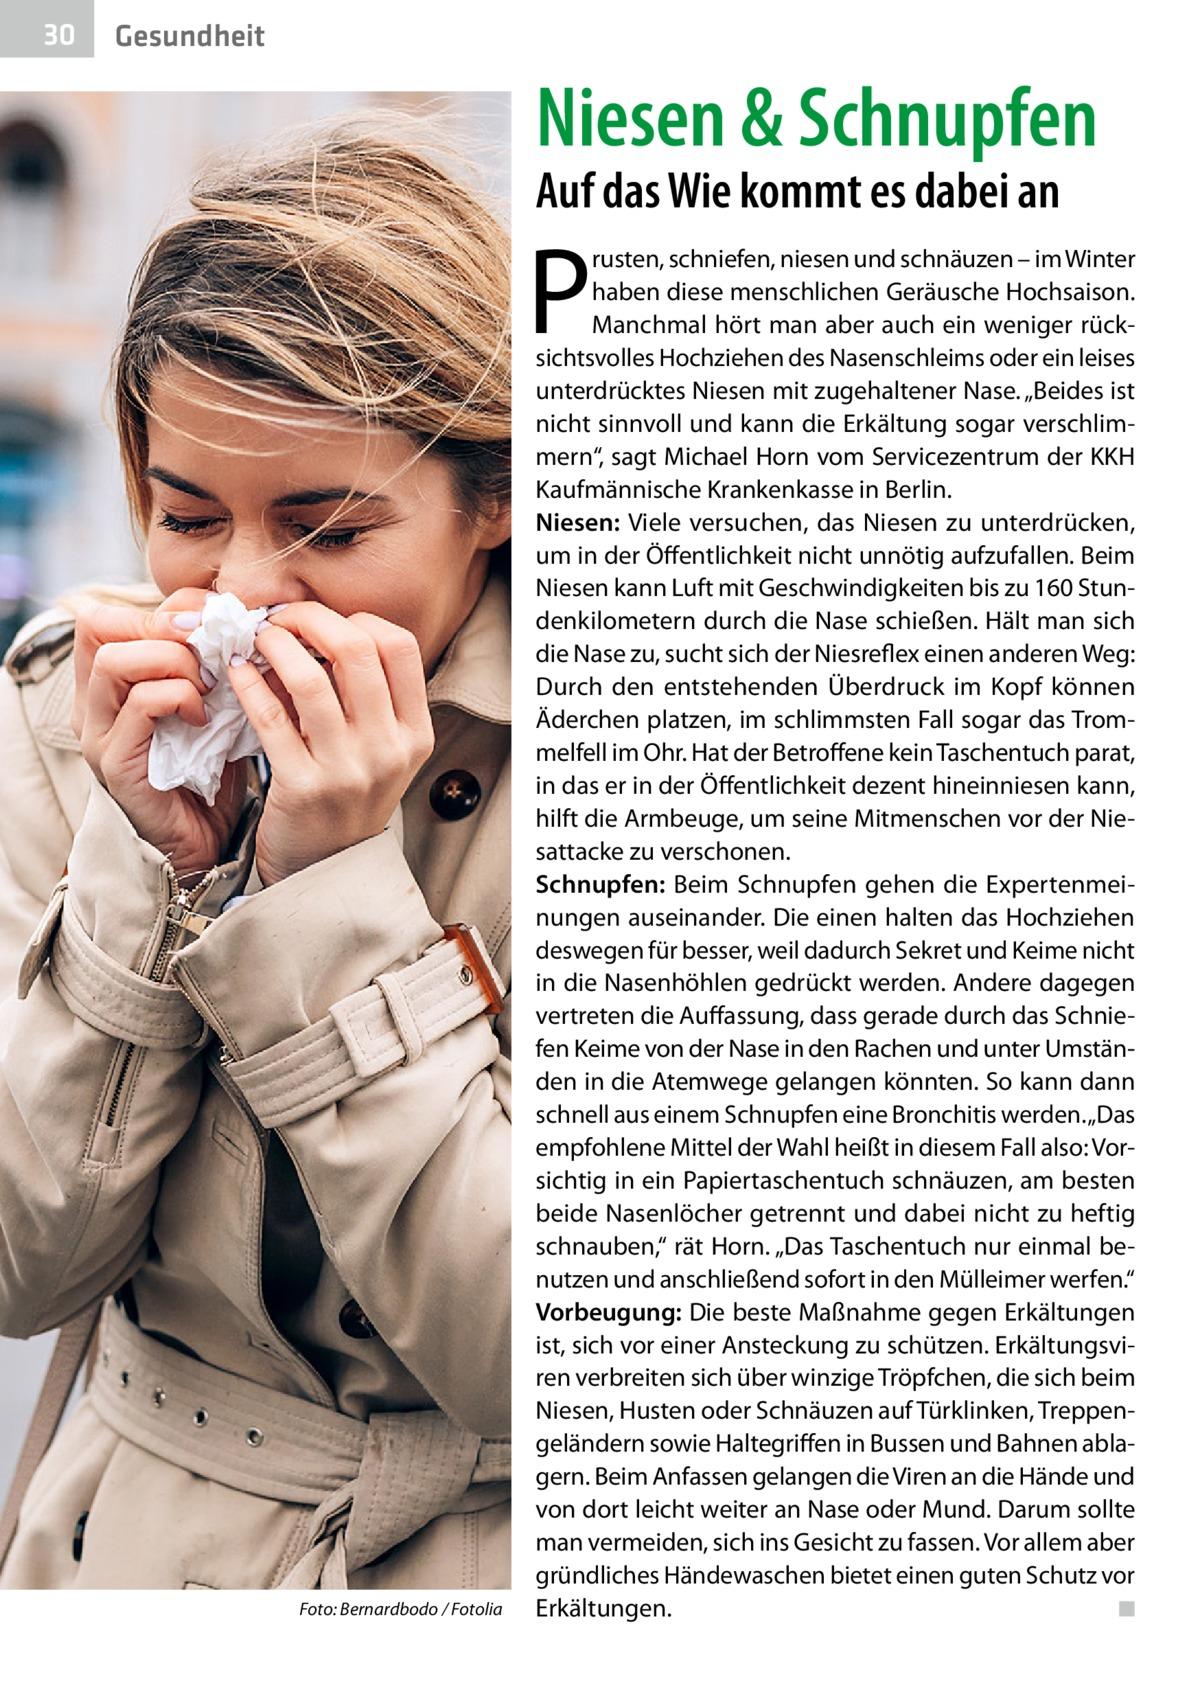 """30  Gesundheit  Niesen & Schnupfen Auf das Wie kommt es dabei an  P  �  Foto: Bernardbodo / Fotolia  rusten, schniefen, niesen und schnäuzen – im Winter haben diese menschlichen Geräusche Hochsaison. Manchmal hört man aber auch ein weniger rücksichtsvolles Hochziehen des Nasenschleims oder ein leises unterdrücktes Niesen mit zugehaltener Nase. """"Beides ist nicht sinnvoll und kann die Erkältung sogar verschlimmern"""", sagt Michael Horn vom Servicezentrum der KKH Kaufmännische Krankenkasse in Berlin. Niesen: Viele versuchen, das Niesen zu unterdrücken, um in der Öffentlichkeit nicht unnötig aufzufallen. Beim Niesen kann Luft mit Geschwindigkeiten bis zu 160Stundenkilometern durch die Nase schießen. Hält man sich die Nase zu, sucht sich der Niesreflex einen anderen Weg: Durch den entstehenden Überdruck im Kopf können Äderchen platzen, im schlimmsten Fall sogar das Trommelfell im Ohr. Hat der Betroffene kein Taschentuch parat, in das er in der Öffentlichkeit dezent hineinniesen kann, hilft die Armbeuge, um seine Mitmenschen vor der Niesattacke zu verschonen. Schnupfen: Beim Schnupfen gehen die Expertenmeinungen auseinander. Die einen halten das Hochziehen deswegen für besser, weil dadurch Sekret und Keime nicht in die Nasenhöhlen gedrückt werden. Andere dagegen vertreten die Auffassung, dass gerade durch das Schniefen Keime von der Nase in den Rachen und unter Umständen in die Atemwege gelangen könnten. So kann dann schnell aus einem Schnupfen eine Bronchitis werden. """"Das empfohlene Mittel der Wahl heißt in diesem Fall also: Vorsichtig in ein Papiertaschentuch schnäuzen, am besten beide Nasenlöcher getrennt und dabei nicht zu heftig schnauben,"""" rät Horn. """"Das Taschentuch nur einmal benutzen und anschließend sofort in den Mülleimer werfen."""" Vorbeugung: Die beste Maßnahme gegen Erkältungen ist, sich vor einer Ansteckung zu schützen. Erkältungsviren verbreiten sich über winzige Tröpfchen, die sich beim Niesen, Husten oder Schnäuzen auf Türklinken, Treppengeländern sowie Halte"""